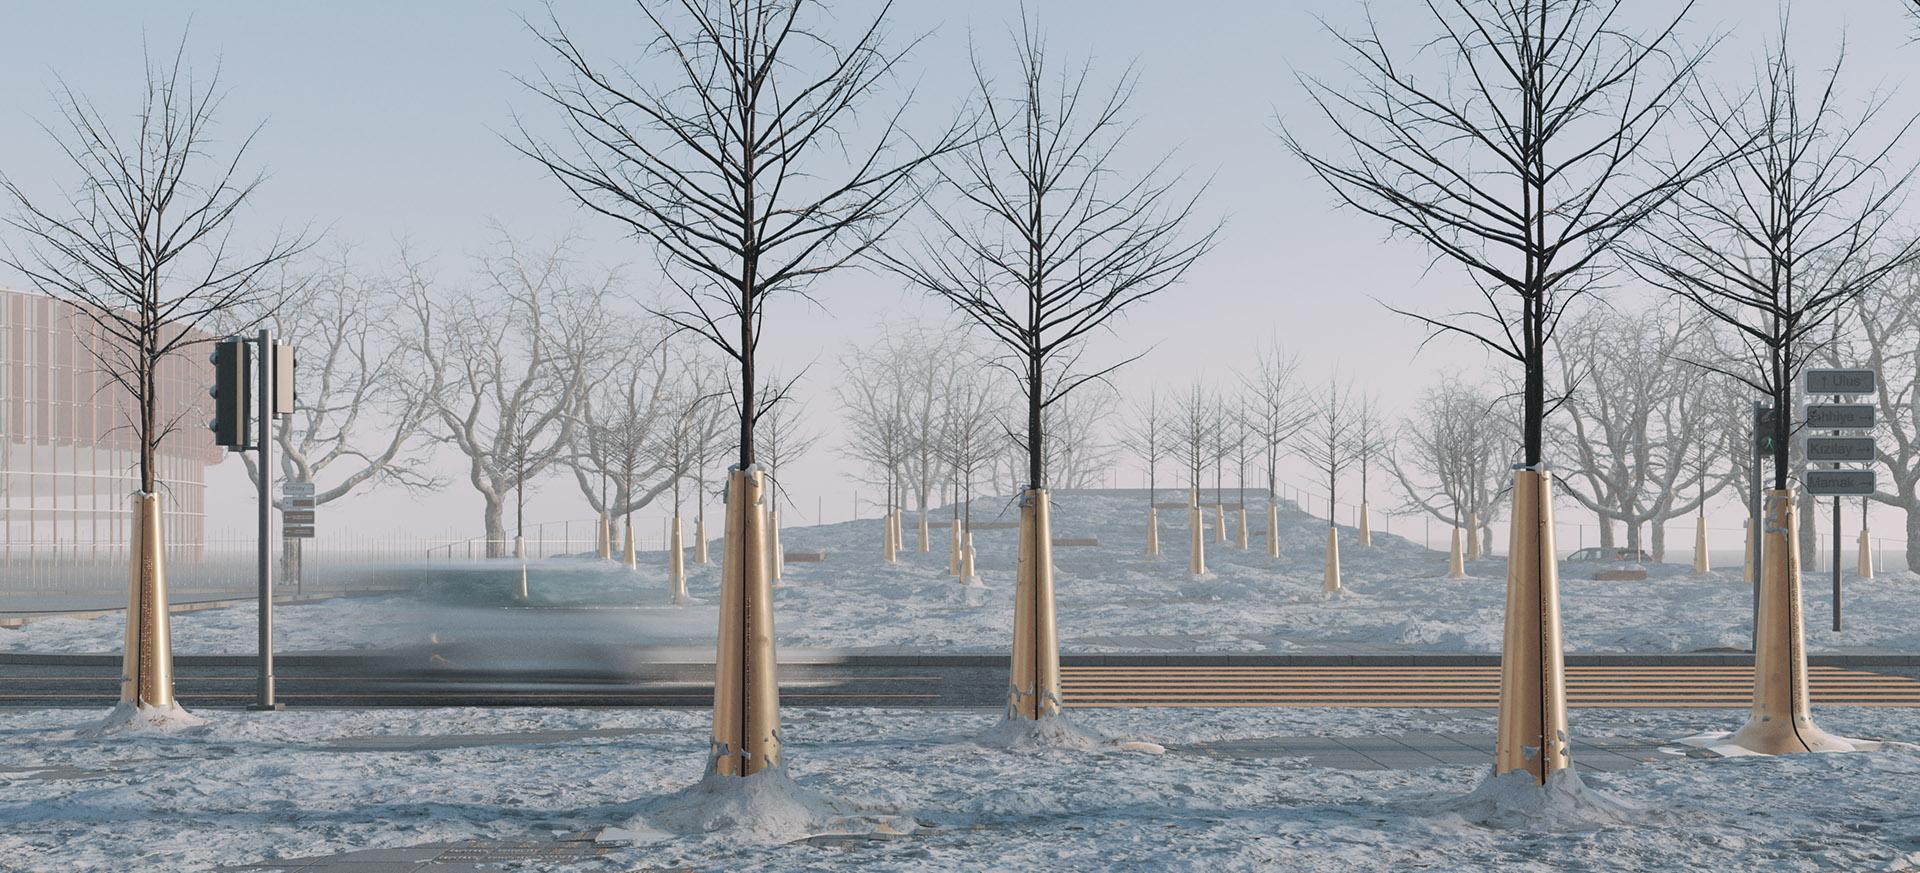 Kış Mevsiminde Meydana Bakış